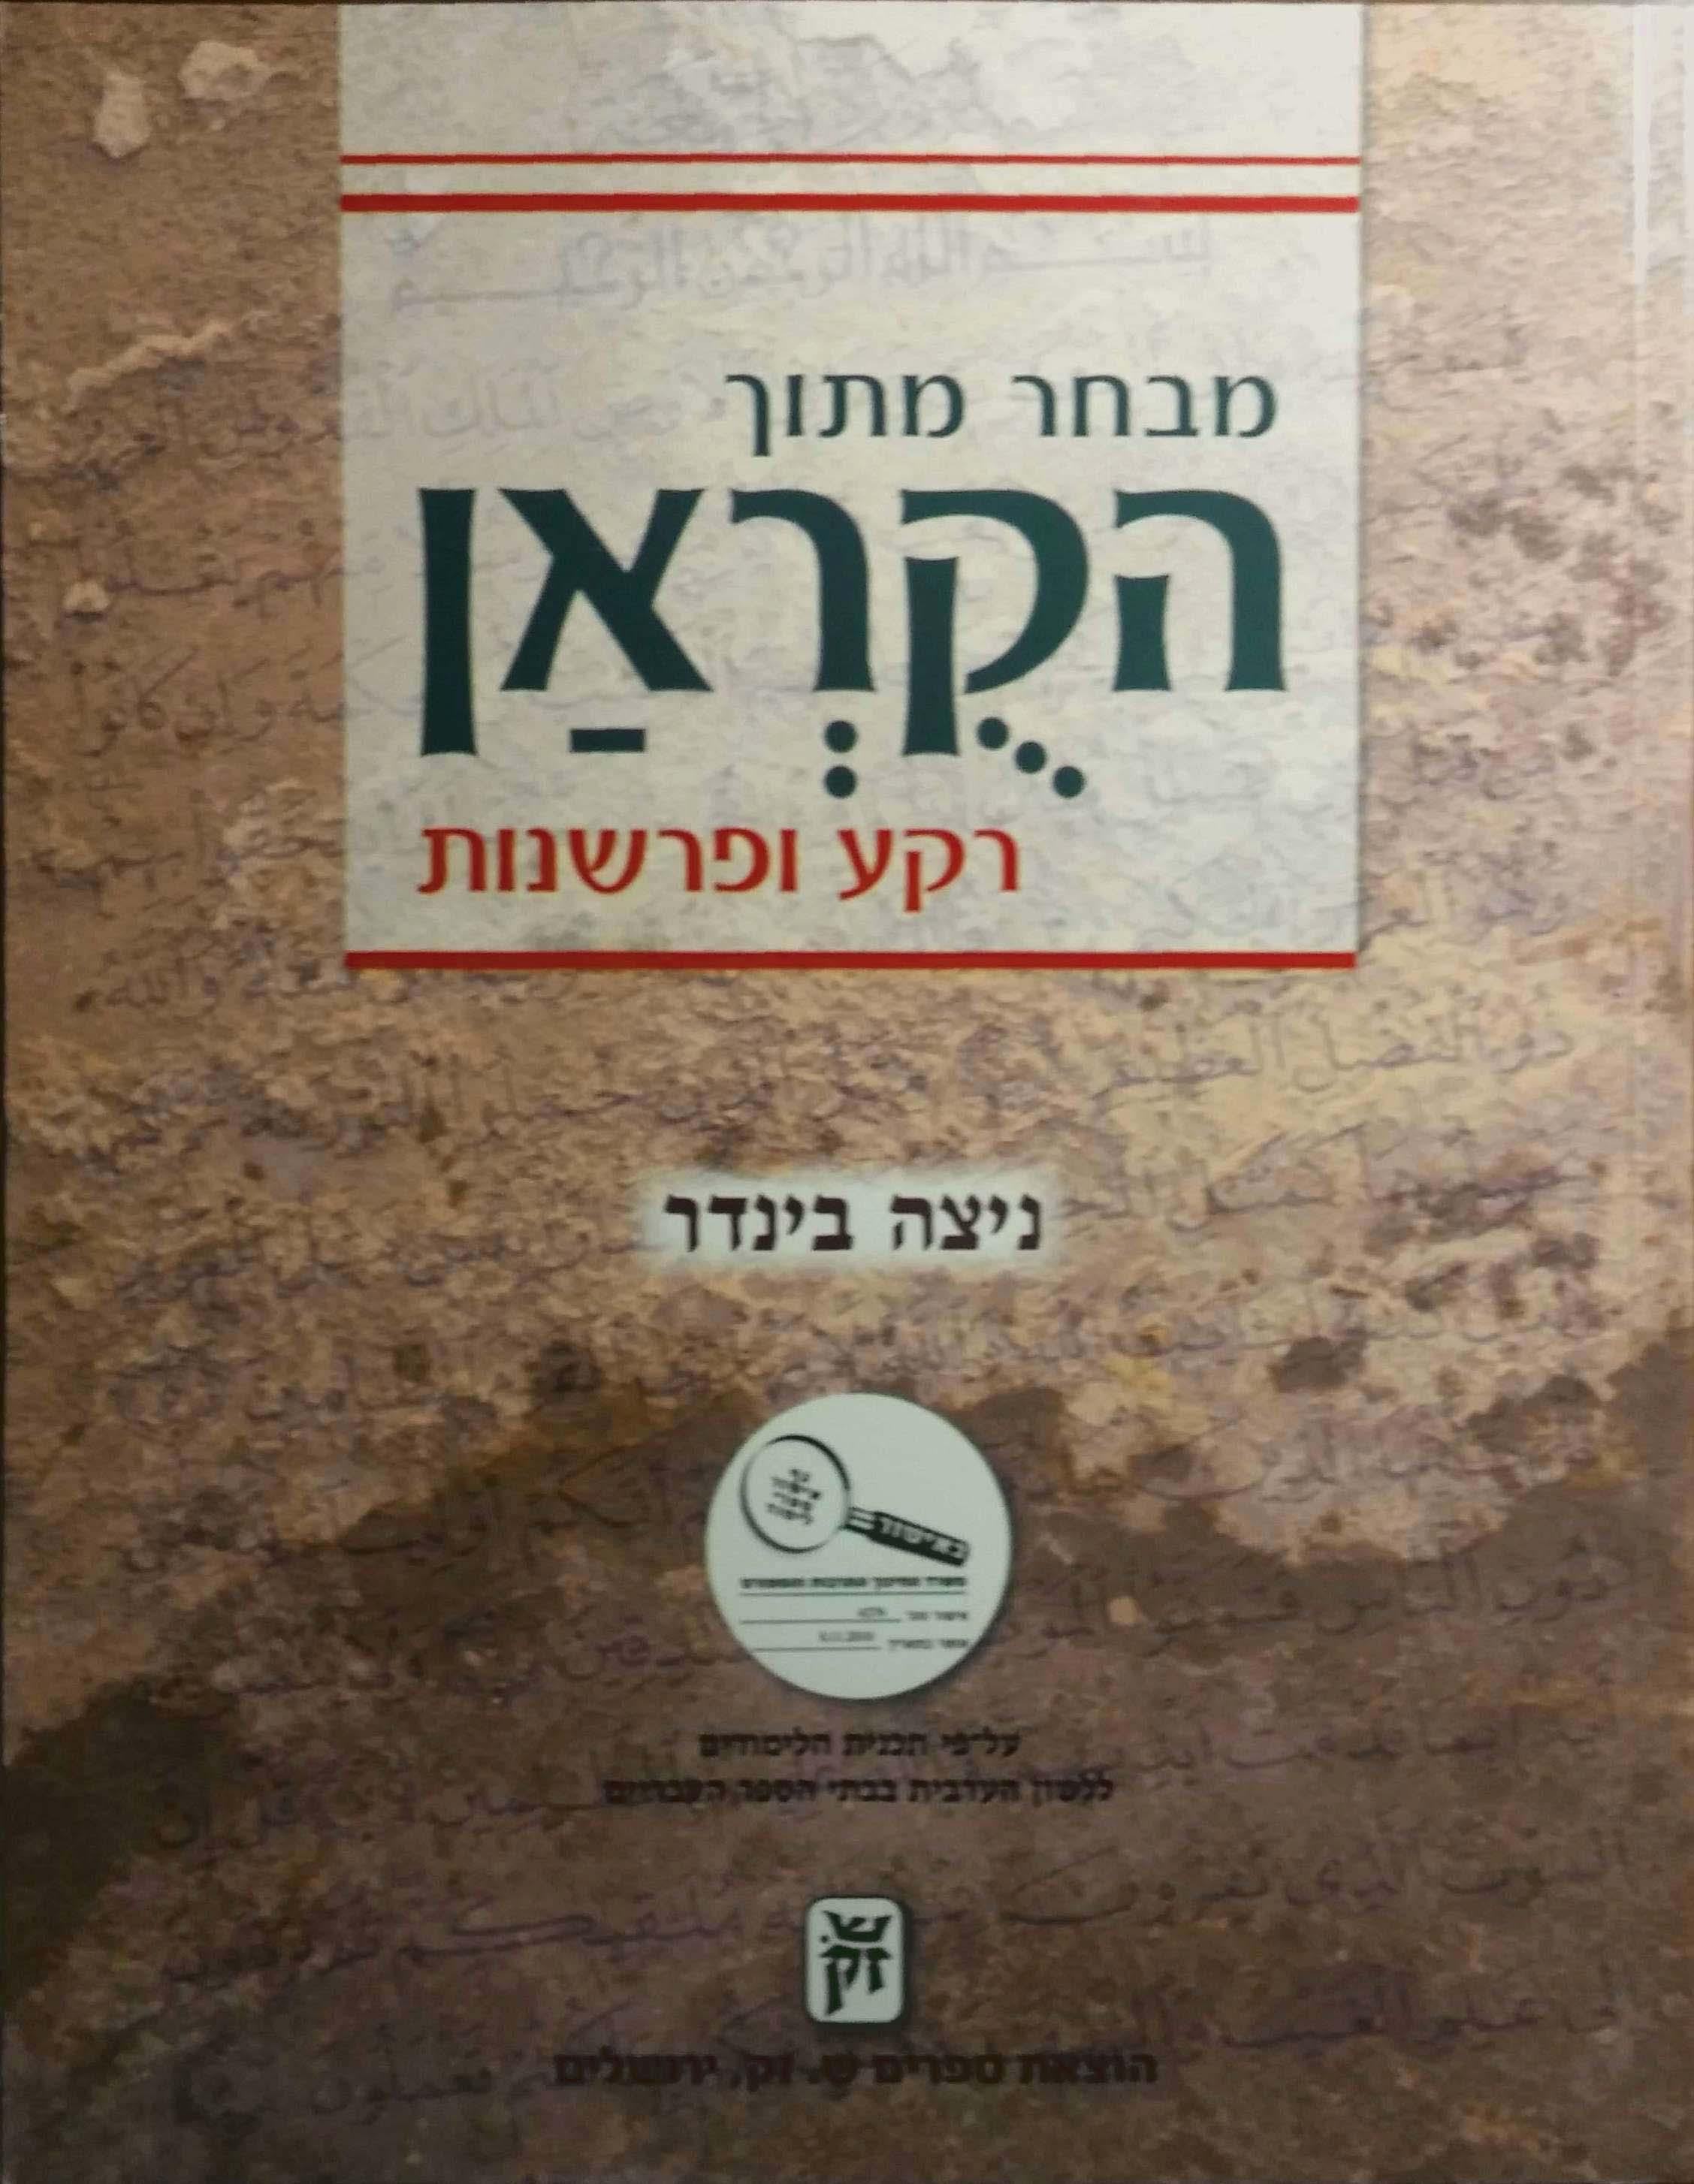 פרקים נבחרים מתוך הקוראן - רקע ופרשנות ניצה בינדר